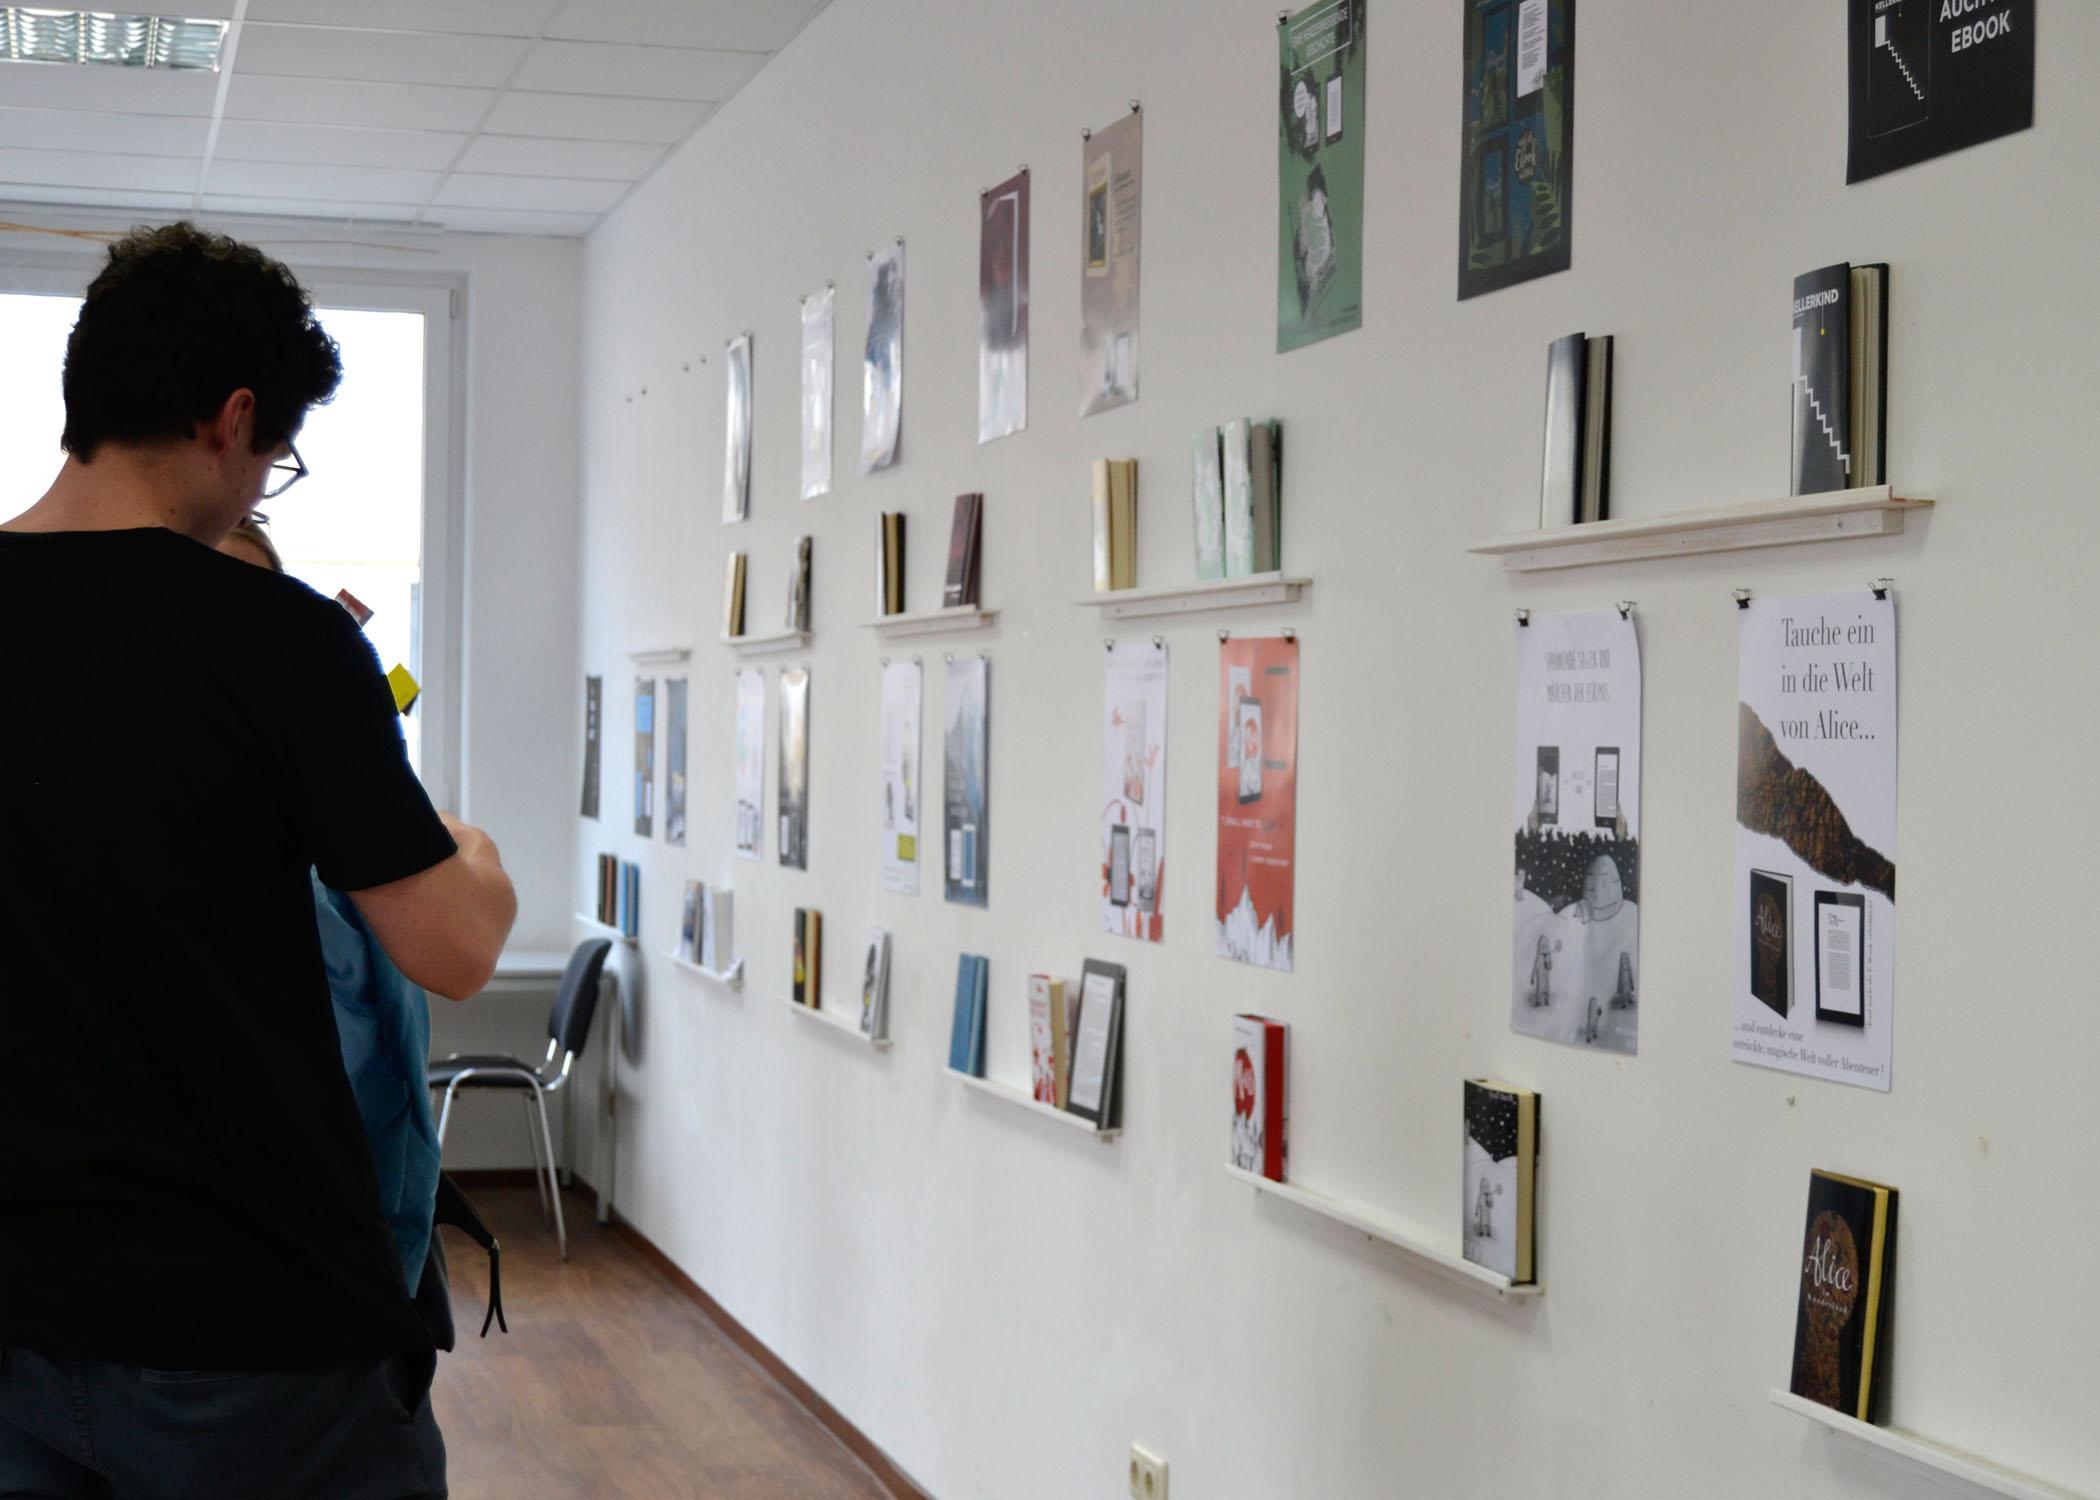 Einmal ein Buch selbst binden - das konnten die Studierenden unter Prof. Dr. Markus Schröppel und mit Unterstützung einer Kölner Buchbindemeisterin.